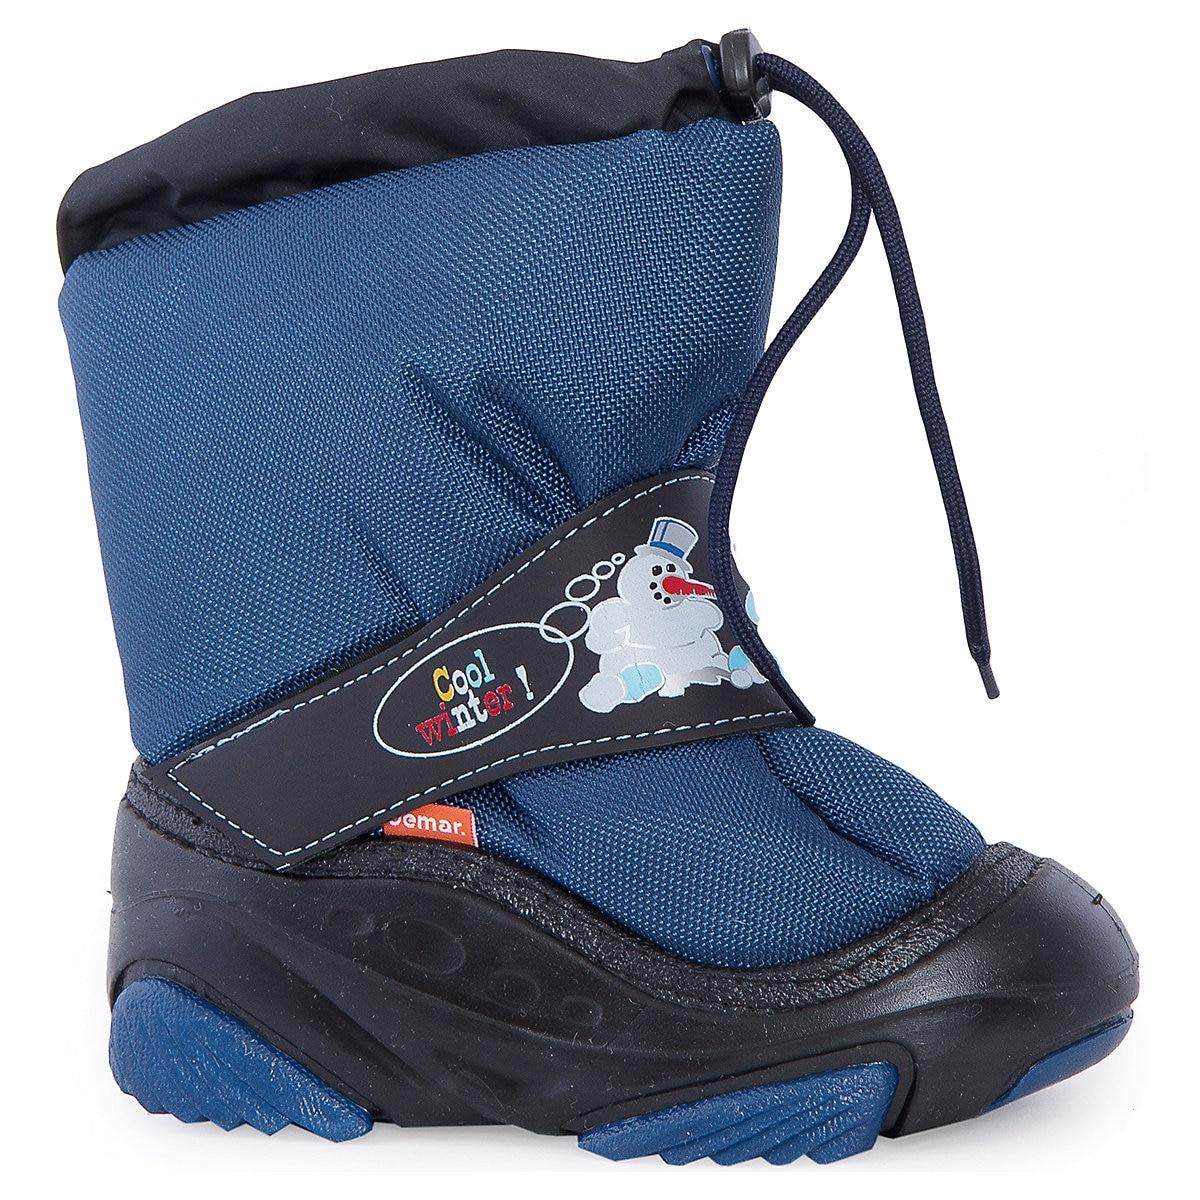 Stivali Demar per i ragazzi 6835033 Valenki Uggi Capretti Del Bambino di Inverno Dei Bambini scarpe MTpromo